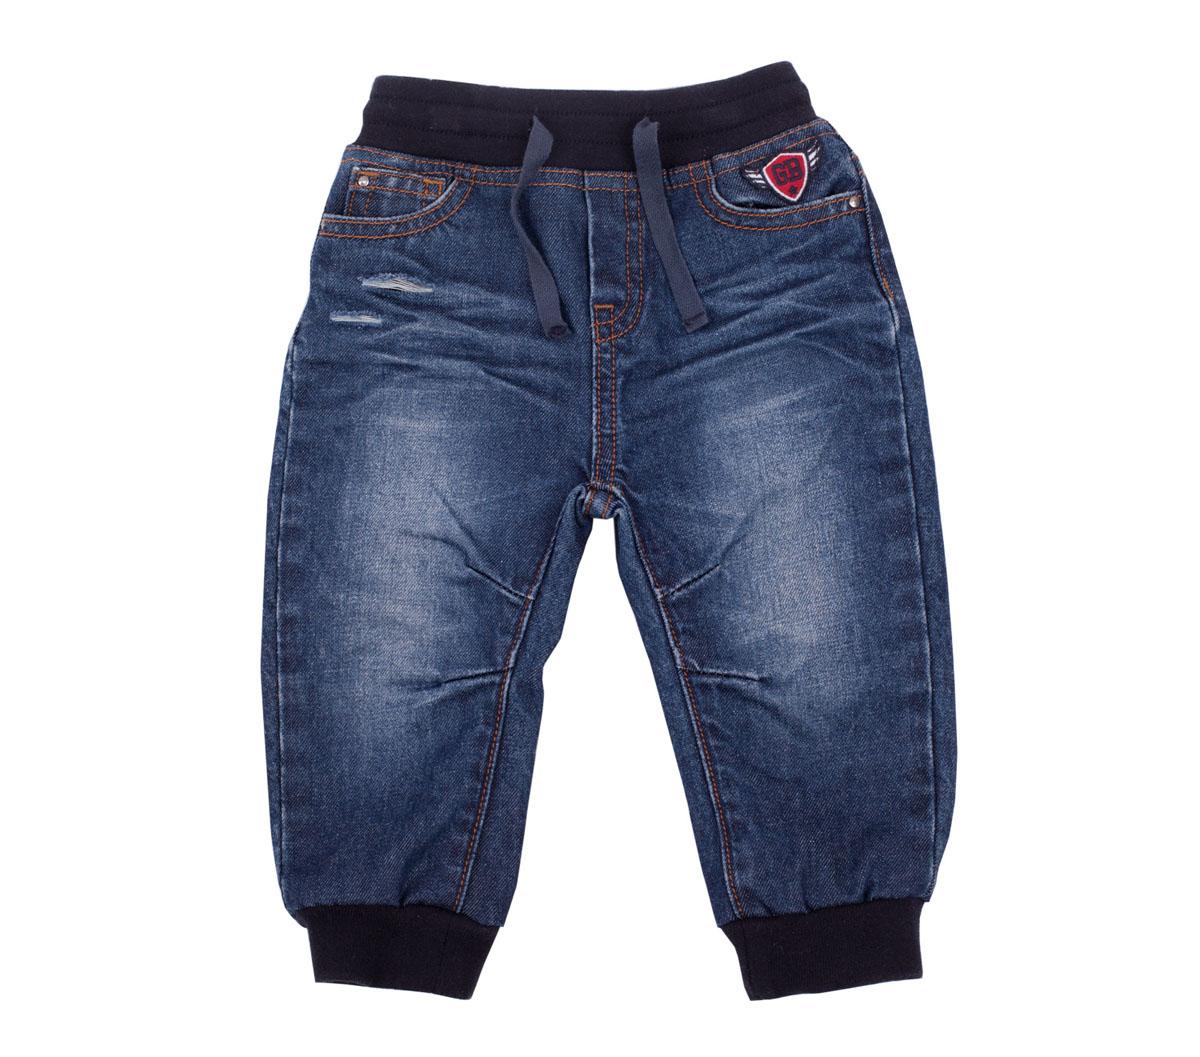 Джинсы216GBBC6301Джинсы для малышей - идеальный вариант для ежедневных прогулок. Мягкие, удобные, практичные, эти джинсы гарантируют комфорт и свободу движений. Конструкция модели сделана с учетом возрастных особенностей детей: удобная форма, пояс на резинке облегчает процесс одевания-раздевания, чуть заниженная линия слонки позволяет использовать подгузник. Во всем остальном, эти джинсы для малышей соответствуют основным трендам сезона. Модная варка, протертости, замины, повреждения делают джинсы стильным элементом гардероба юного модника. Если вы хотите купить модные брюки, но не можете определиться с моделью, выбирайте джинсы и ваш ребенок будет неотразим!